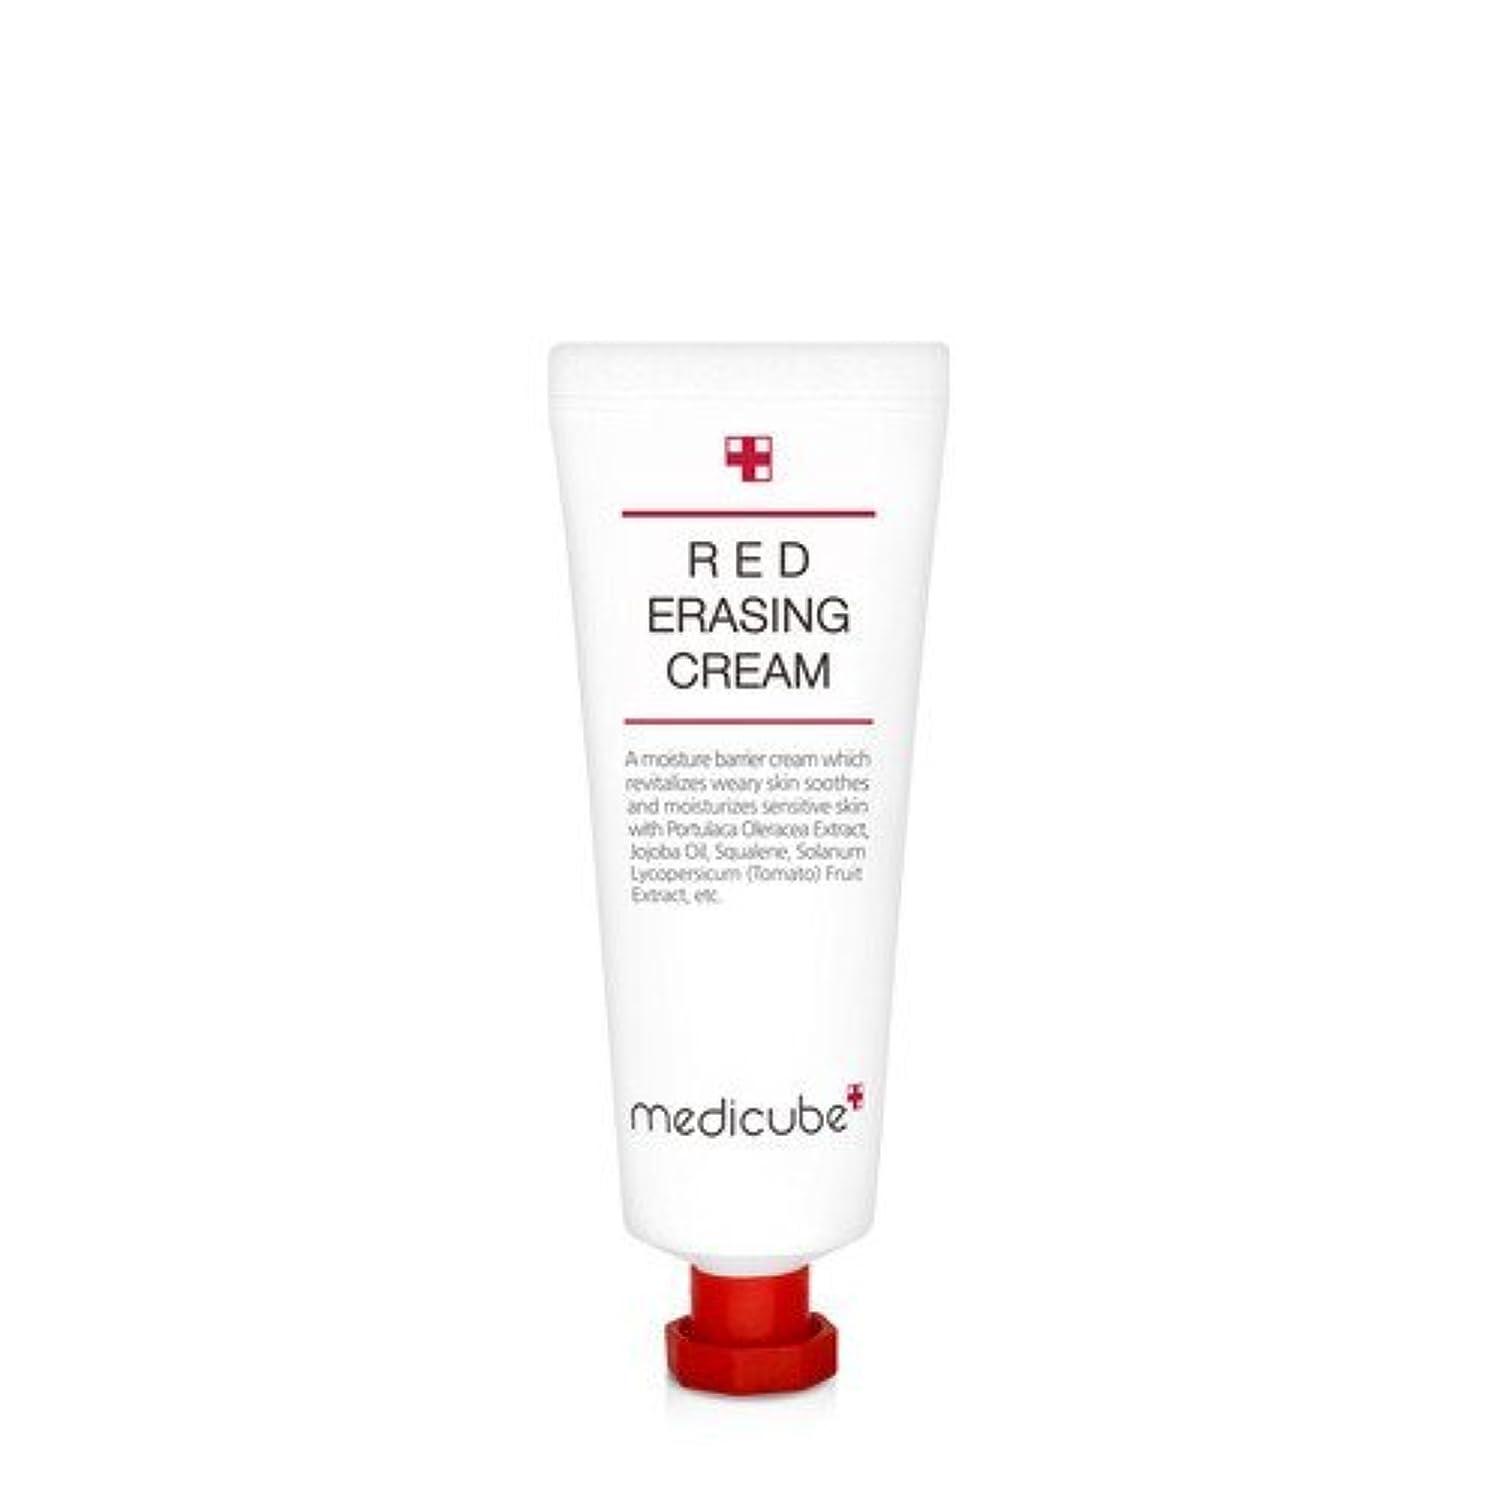 製作付与悪名高い[Medicube]Red Erasing Cream 50g / メディキューブレッドイレイジングクリーム / 正品?海外直送商品 [並行輸入品]